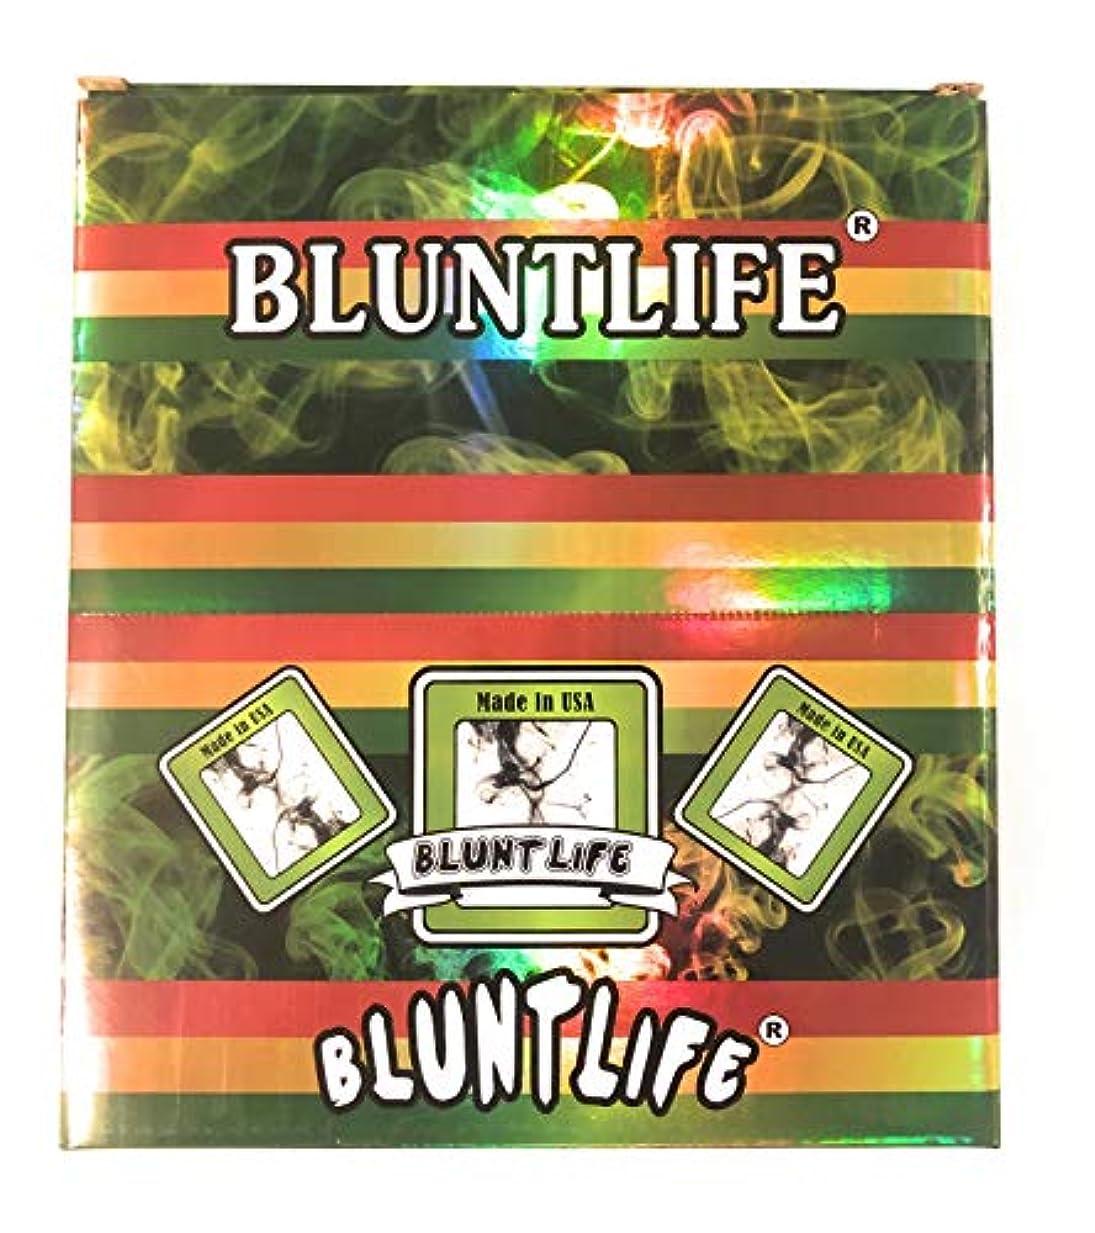 環境に優しい免除わがまま864 Incense Sticks Bulk Bluntlife Hand-dipped Incense Perfume Wands Display 12-72 Count Assorted